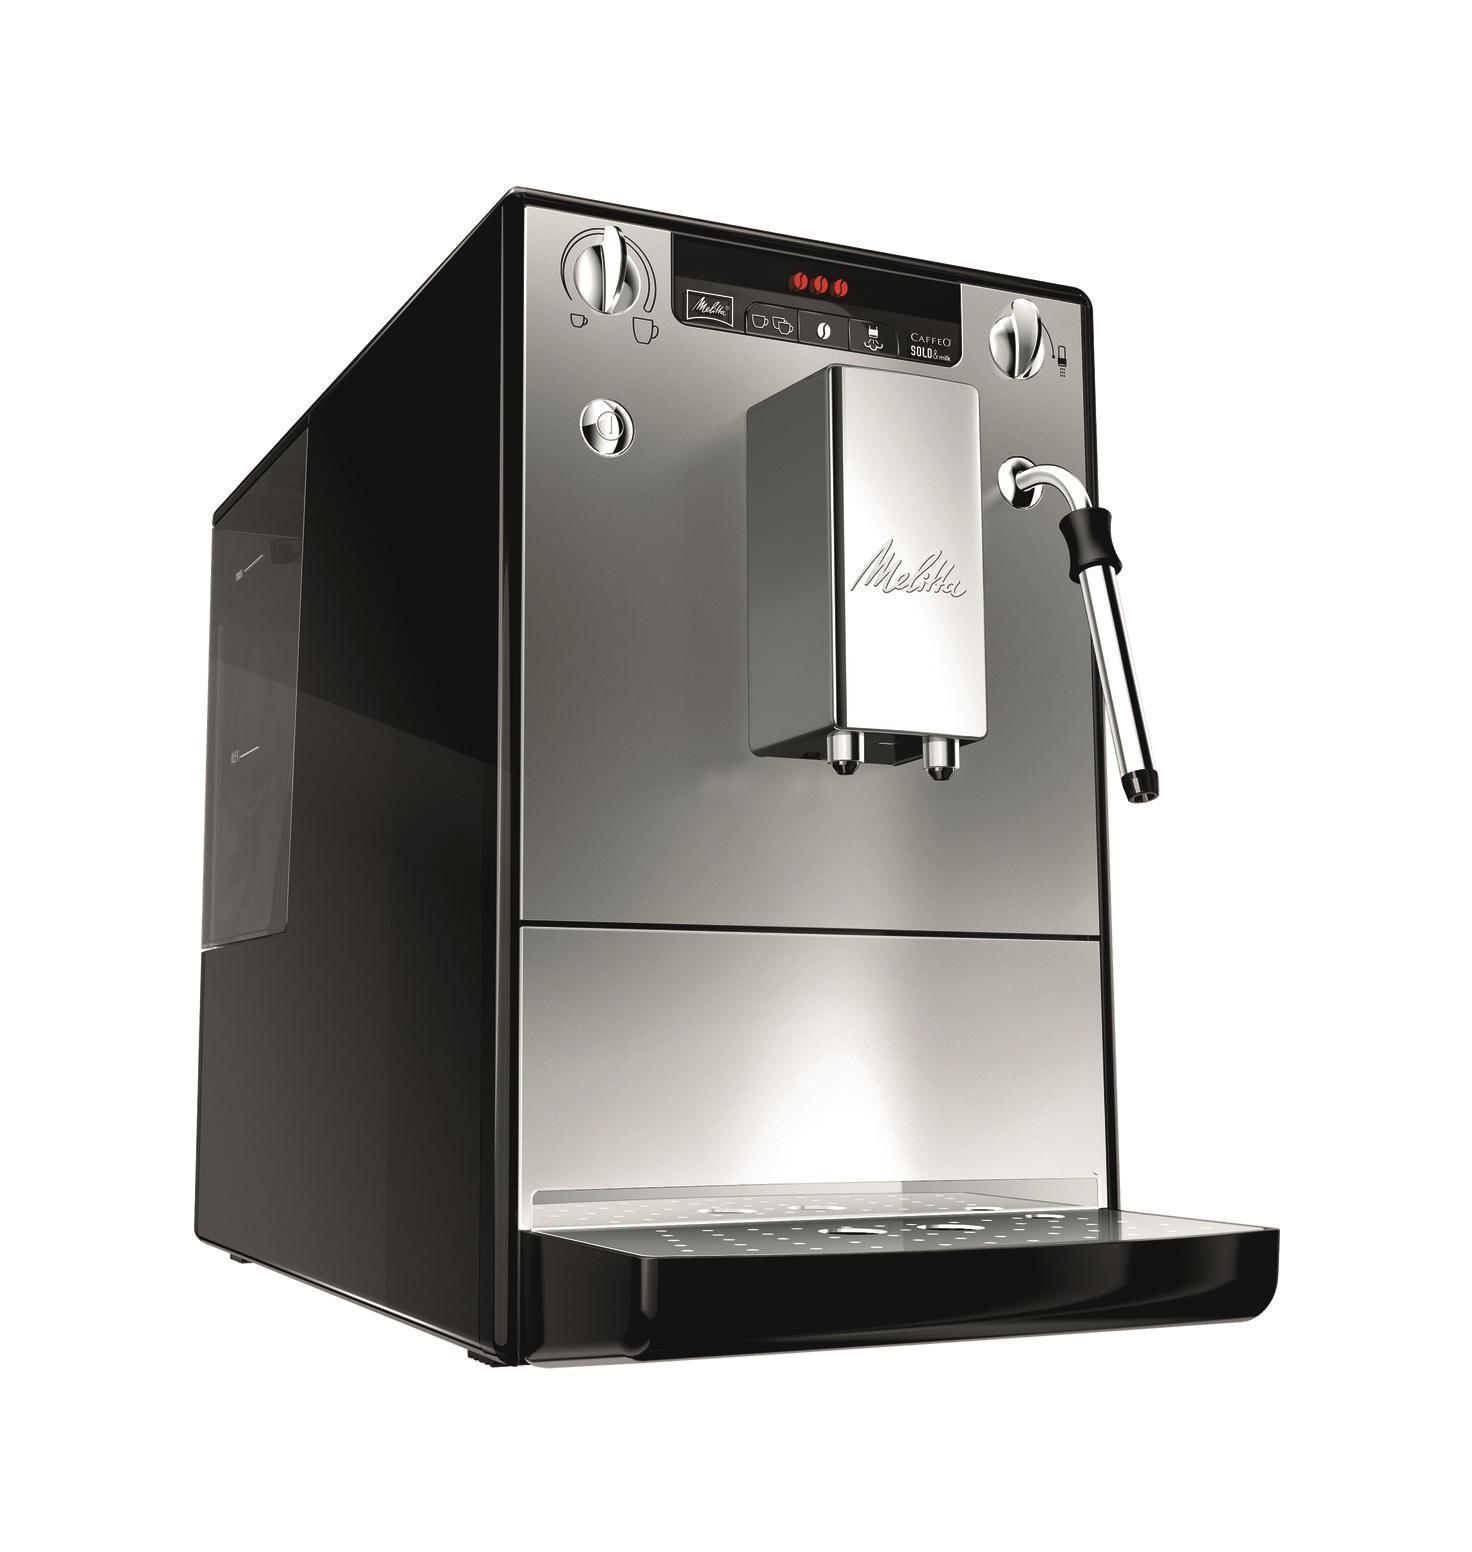 Melitta Caffeo Solo&milk E953-102, Silver Black кофемашинаCaffeo Solo&milk Silver BlackАвтоматическая кофемашина Caffeo Solo&milk компании Melitta для приготовления кофейных напитков из зернового или молотого кофе. Функциональна, обладает повышенной работоспособностью. Оснащена капучинатором Panarello, который дает порцию горячей воды, подогревает и вспенивает молоко. Съемный заварной механизм имеет функцию предварительного смачивания, благодаря чему раскрывается полностью вкус и аромат кофе. Строгость и компактность Melitta E 953 является одной из самых маленьких кофемашин в мире. И тем не менее, этого вполне достаточно для высоких технологий Melitta и чистого наслаждения кофе. Индивидуальные настройки приготовления кофе Наслаждение без компромиссов: вы выбираете крепость и температуру своего кофе. Кроме того, одним поворотом регулятора вы также программируете количество кофе в соответствии с размером чашки. Специальная система предварительного заваривания кофе Для того, чтобы вы получили максимальное удовольствие,...